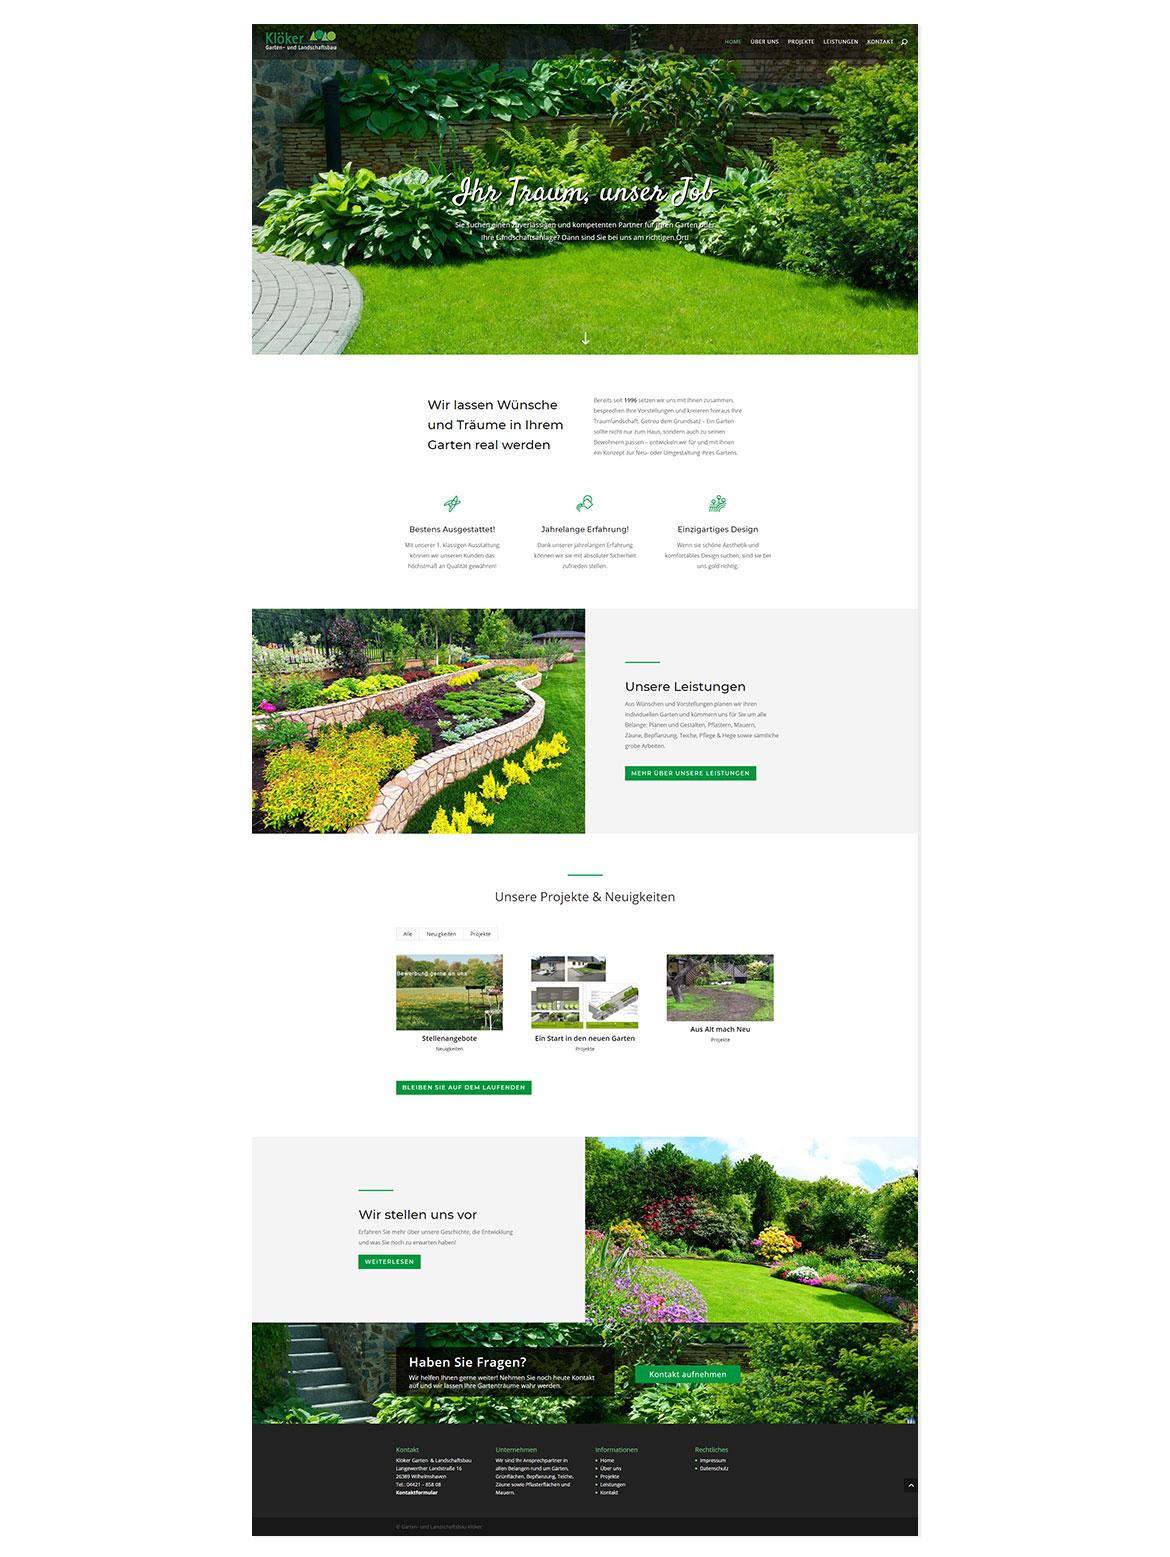 Klöker - Garten- und Landschaftsbau